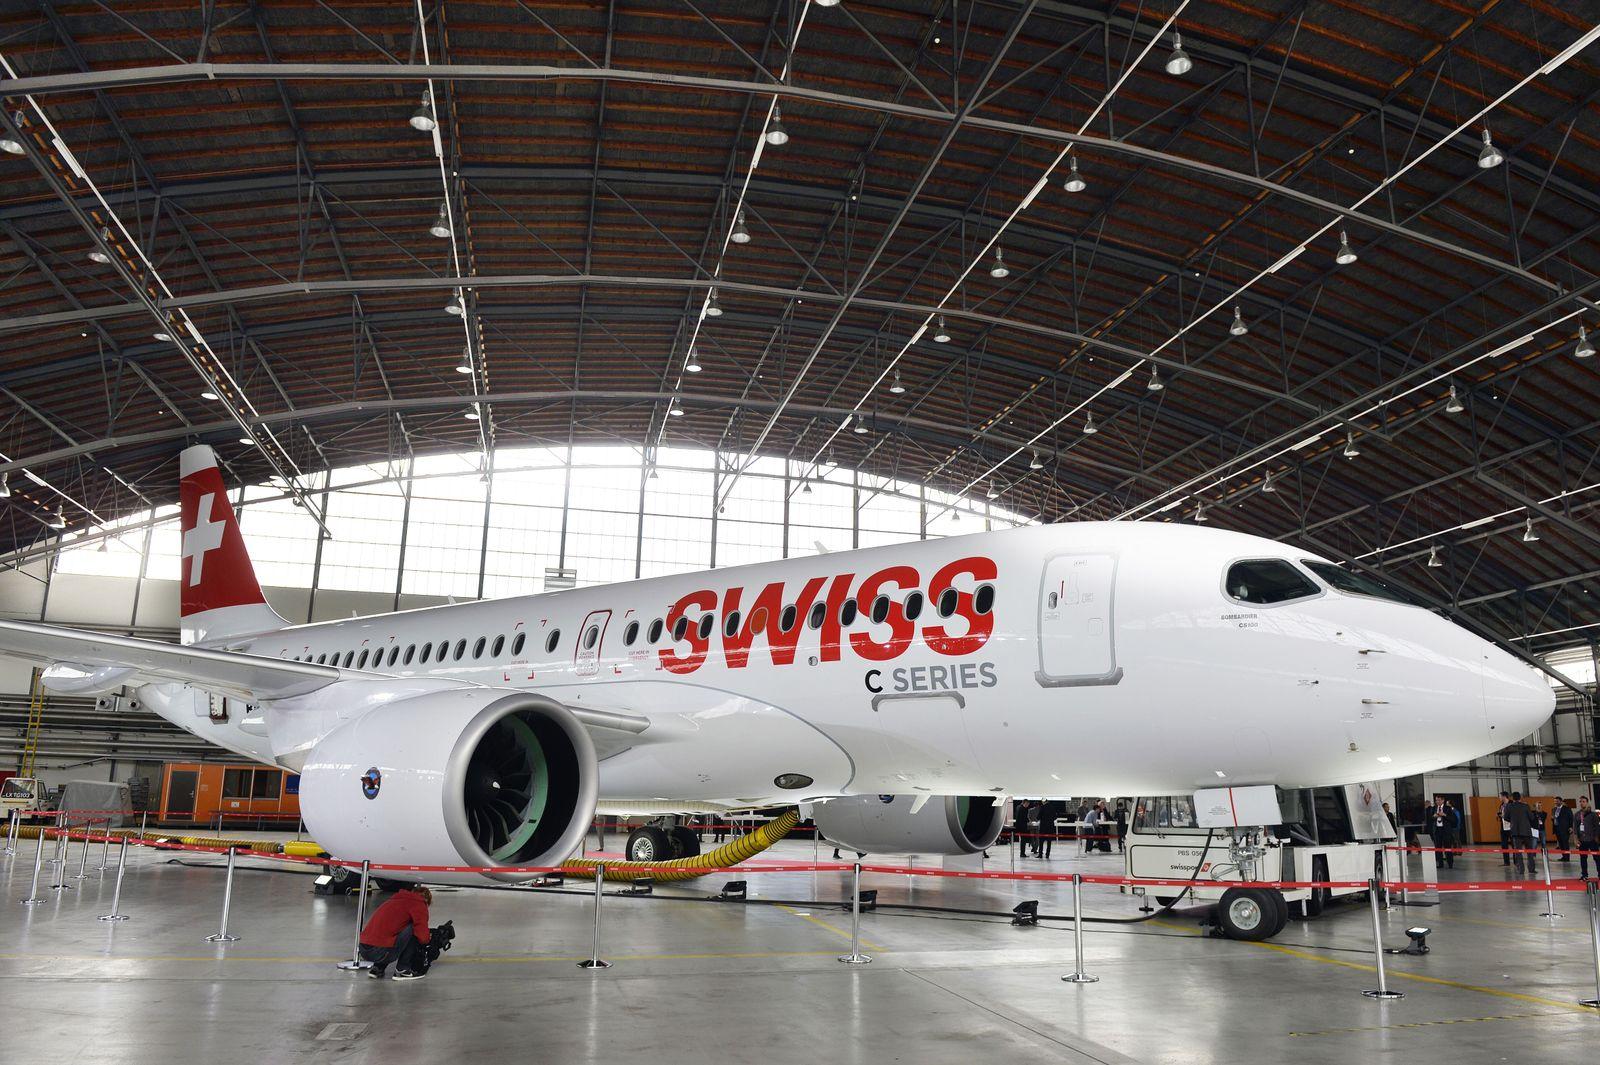 Swiss-Maschinen nach Triebwerk-Prüng wieder im Dienst